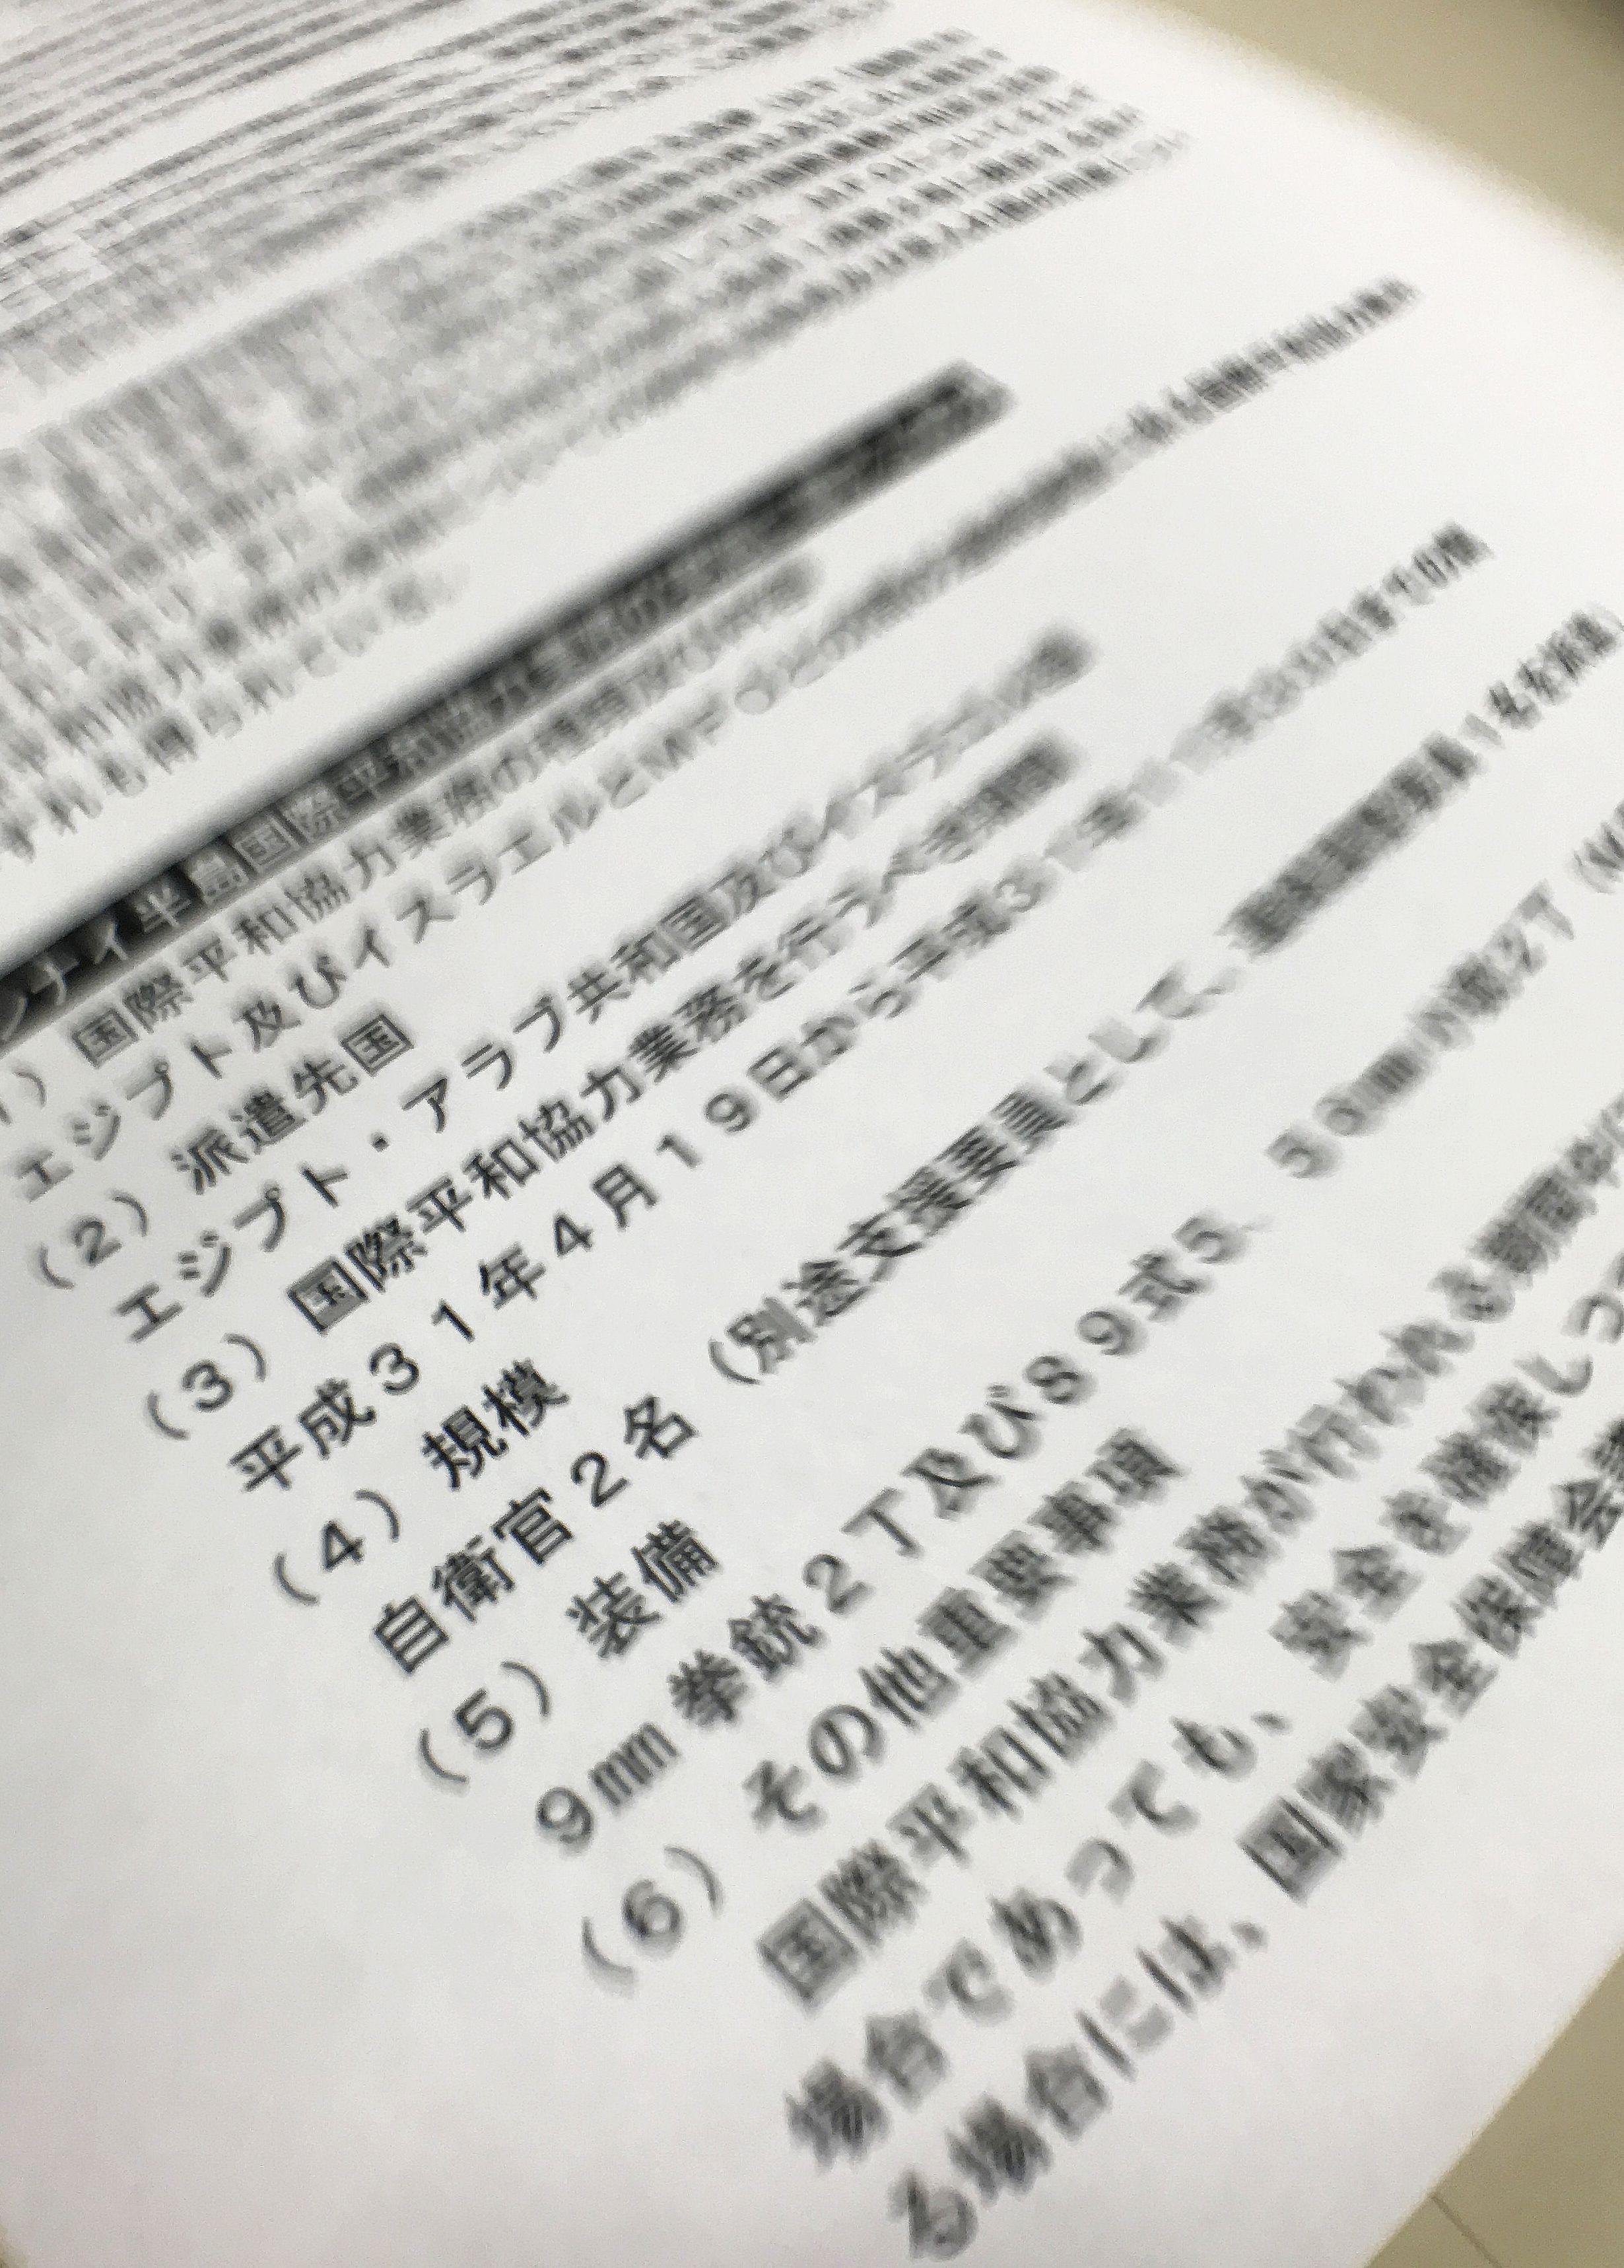 http://hunter-investigate.jp/news/e3dfa7583f88477d91292b6bd338b533f38f4ac6.jpg